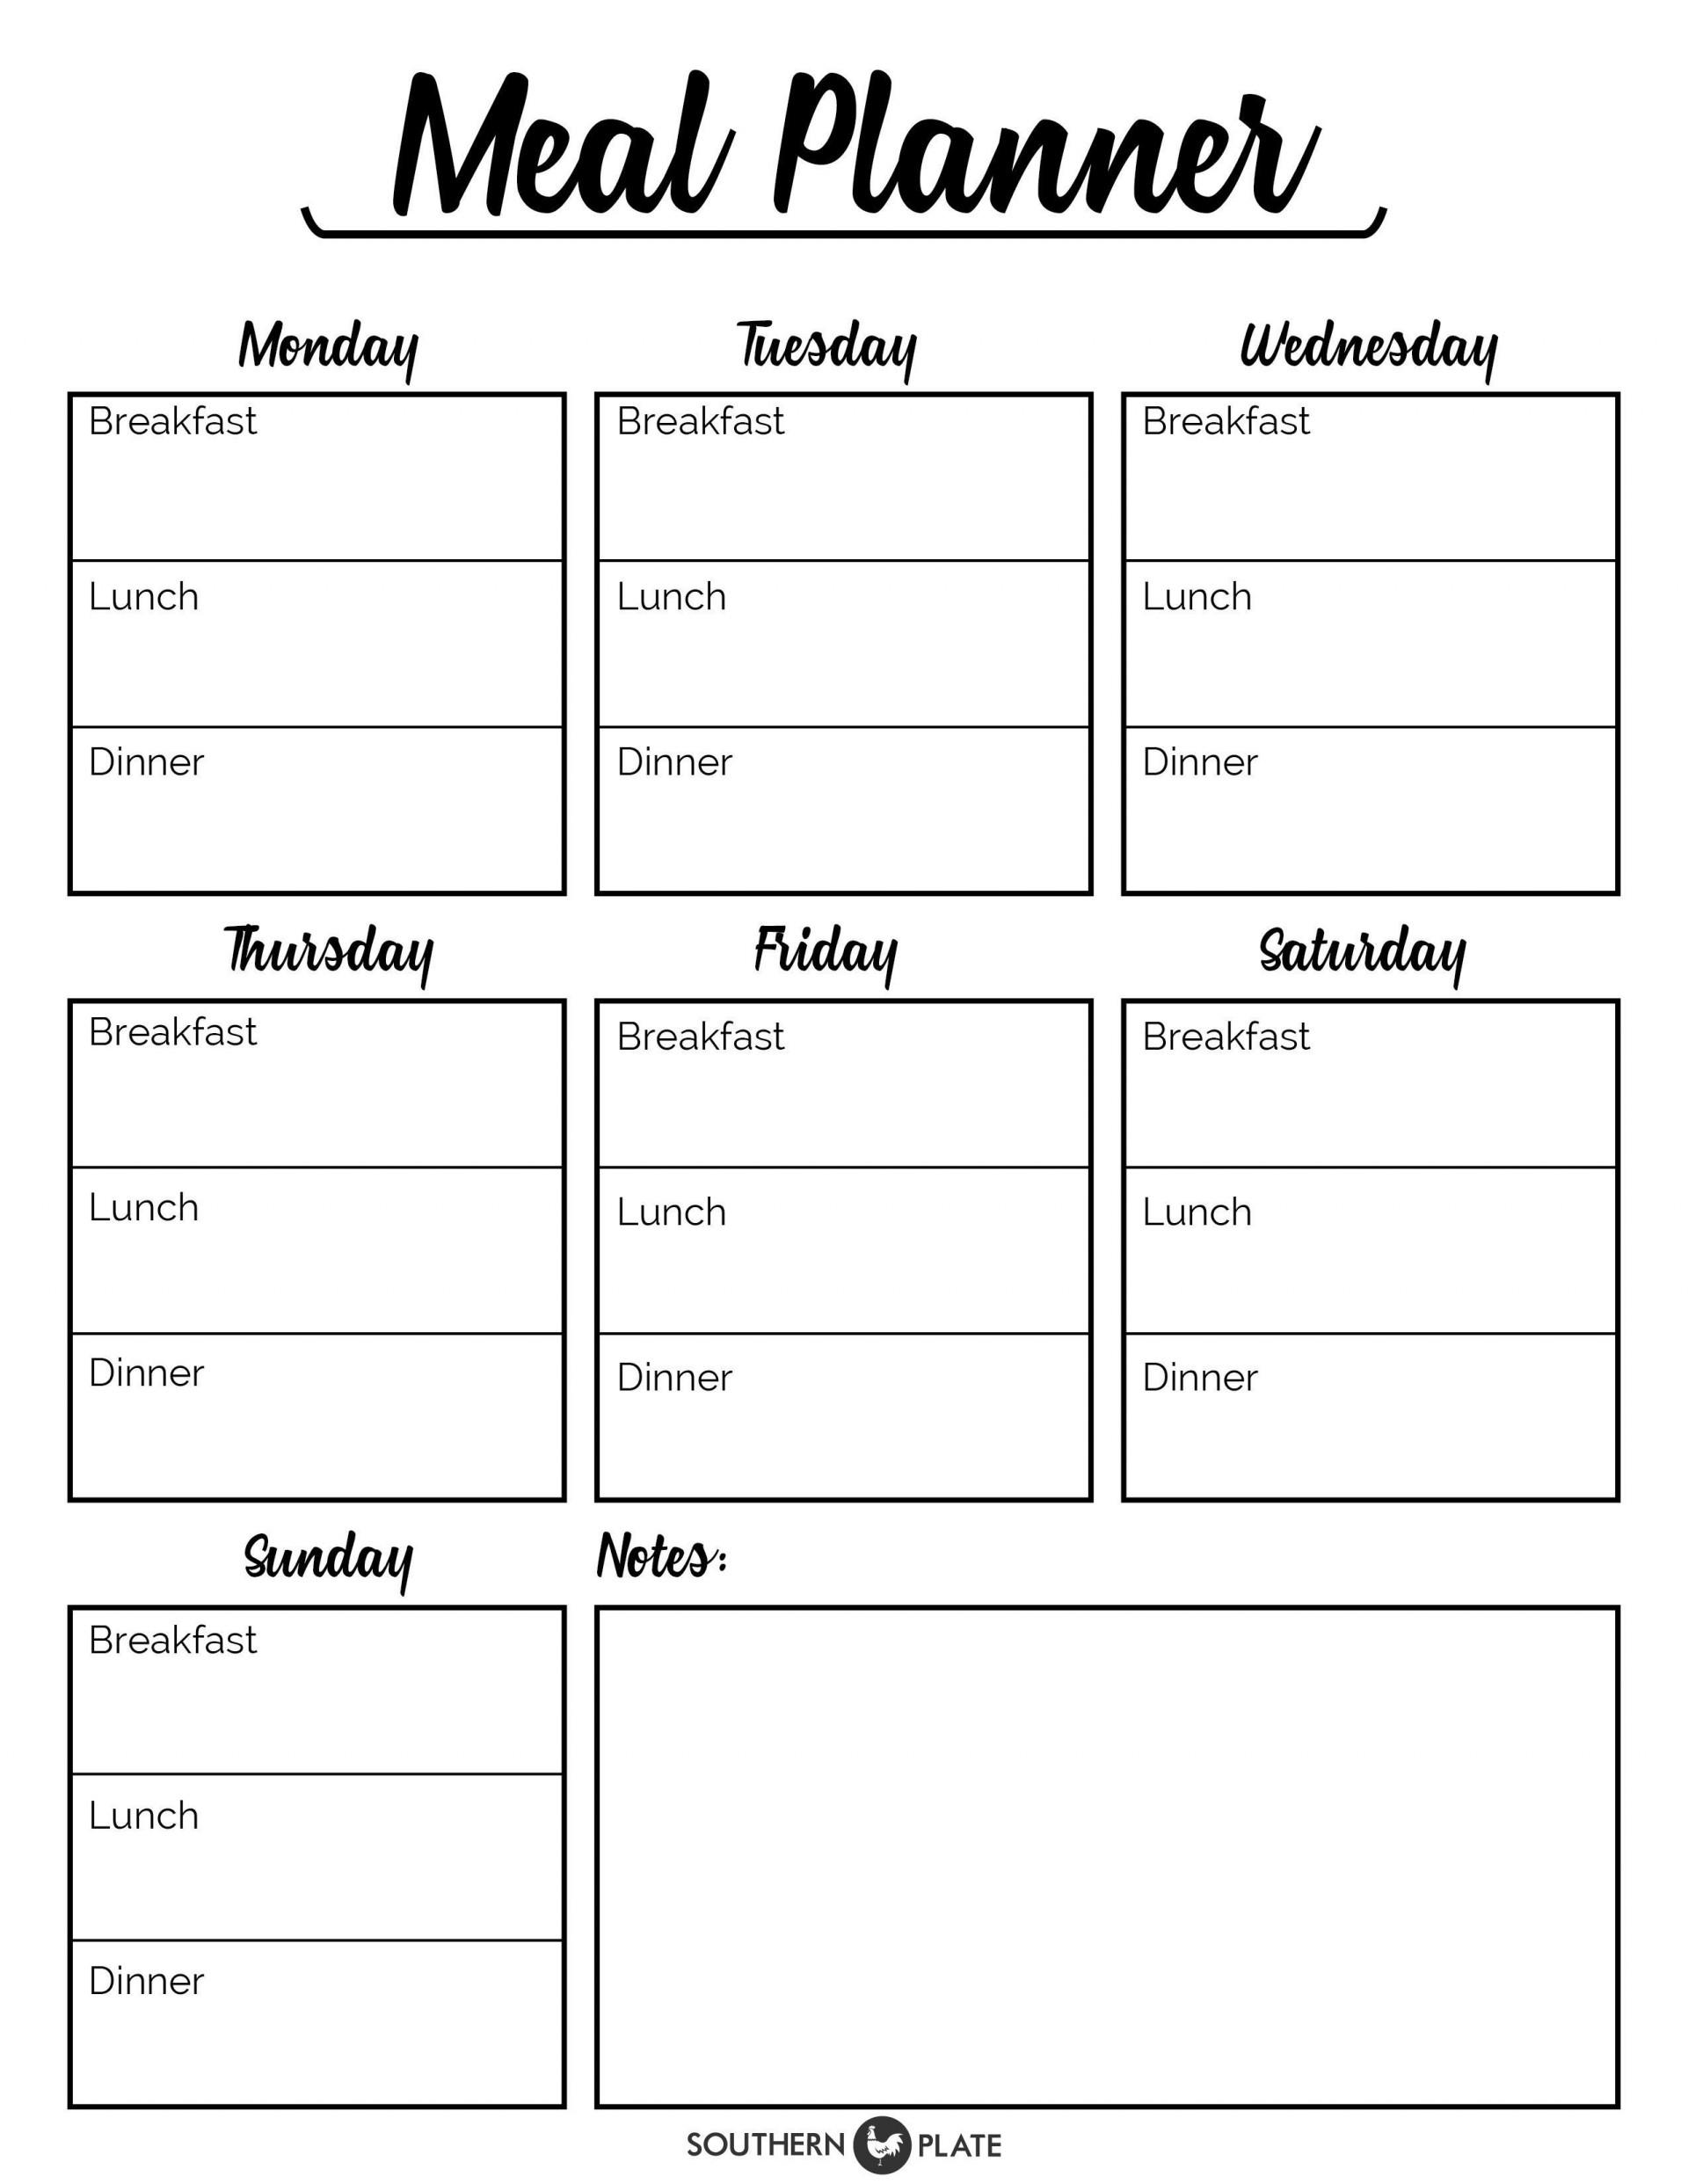 001 Beautiful Meal Plan Template Pdf High Definition  Printable Diabetic Sample Weekly Planning Worksheet1920